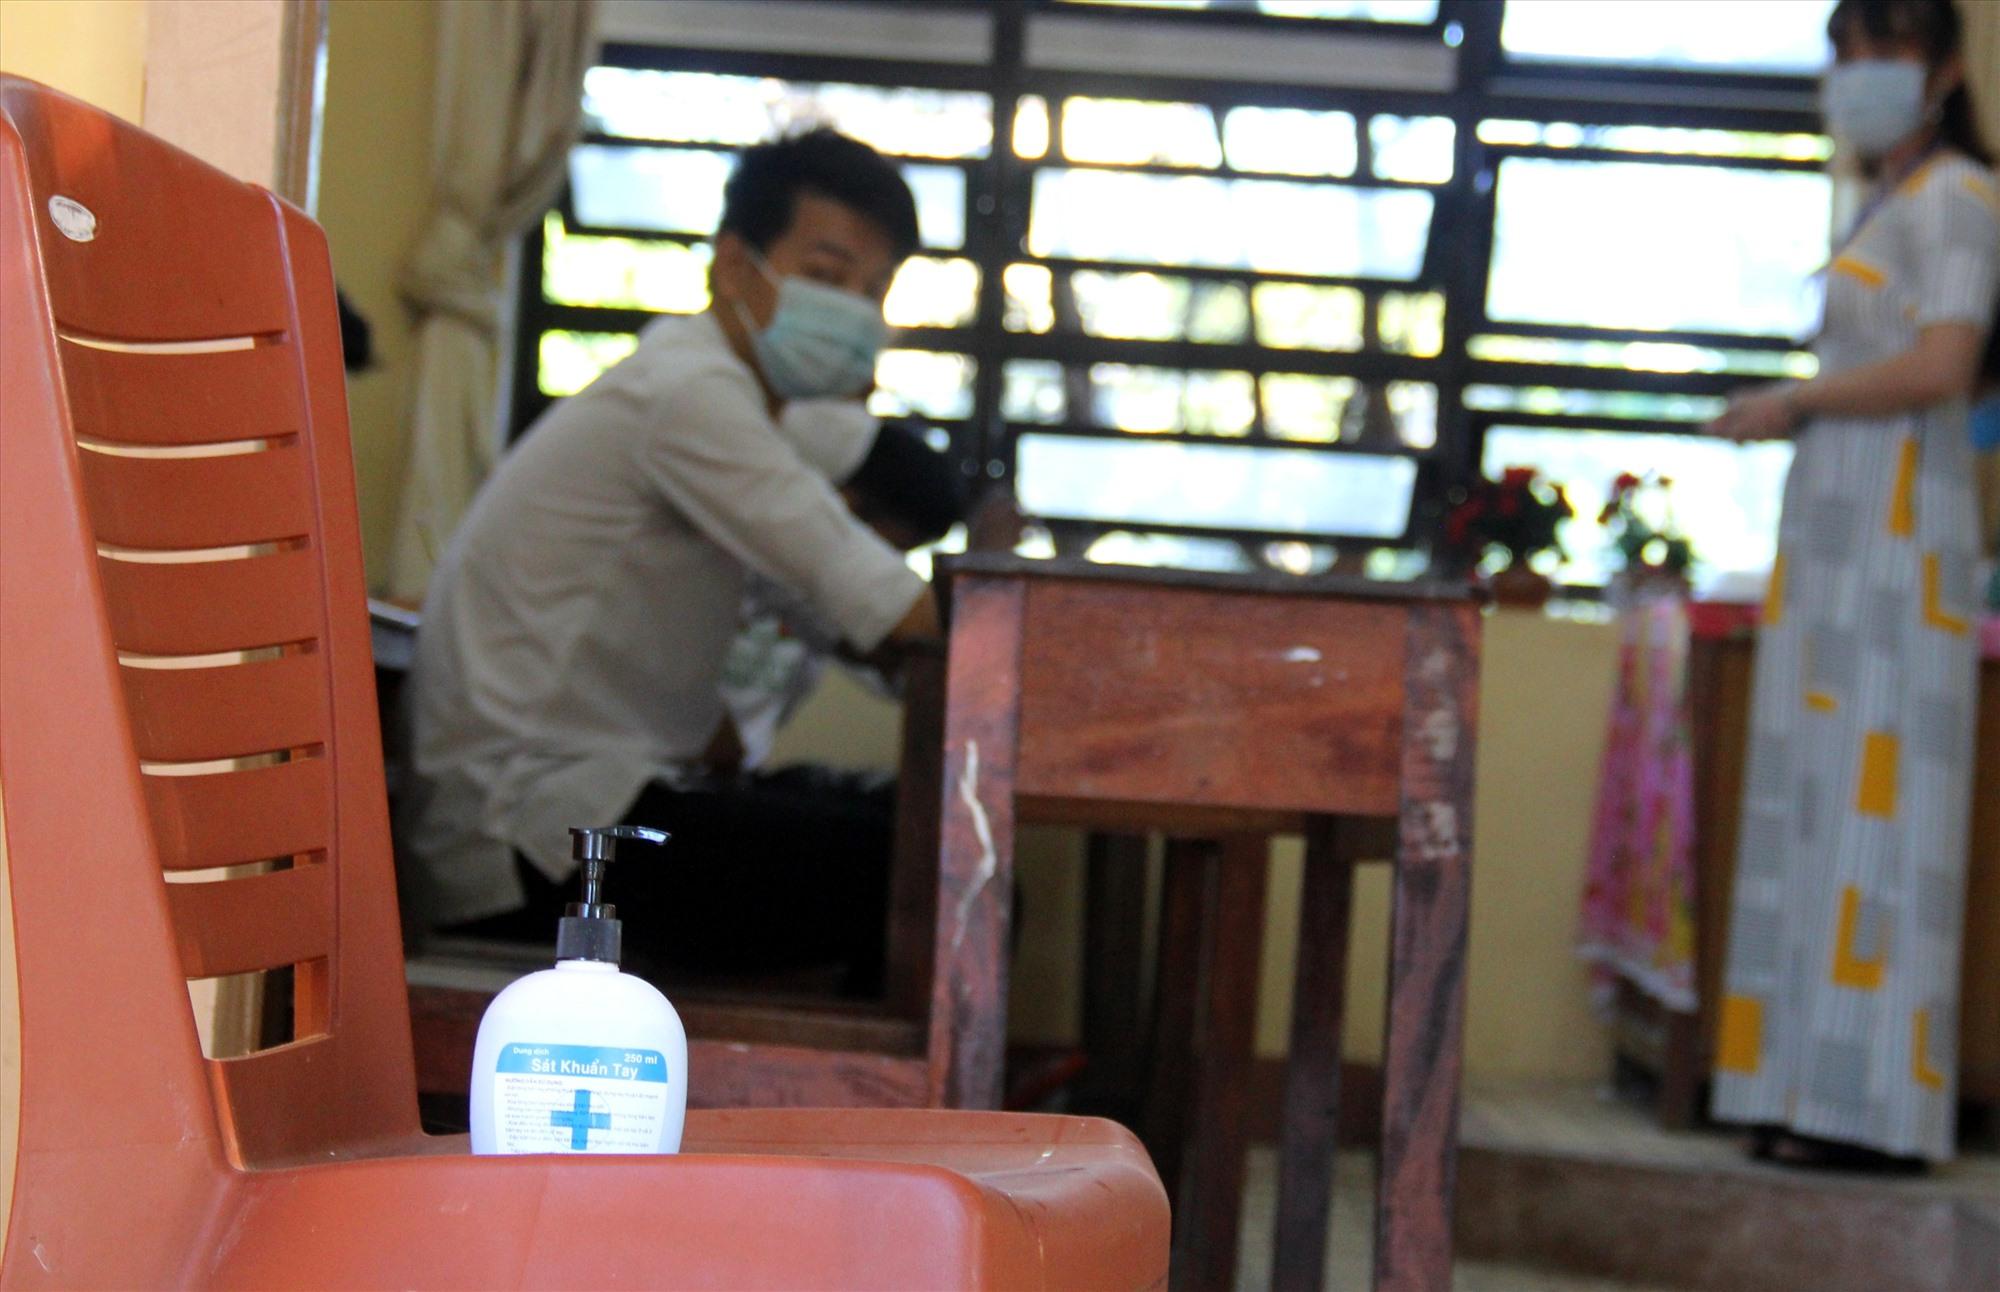 Tại mỗi cửa phòng thi luôn có sẵn một bình sát khuẩn, phục vụ nhu cầu của thí sinh và cán bộ coi thi. Ảnh: A.N